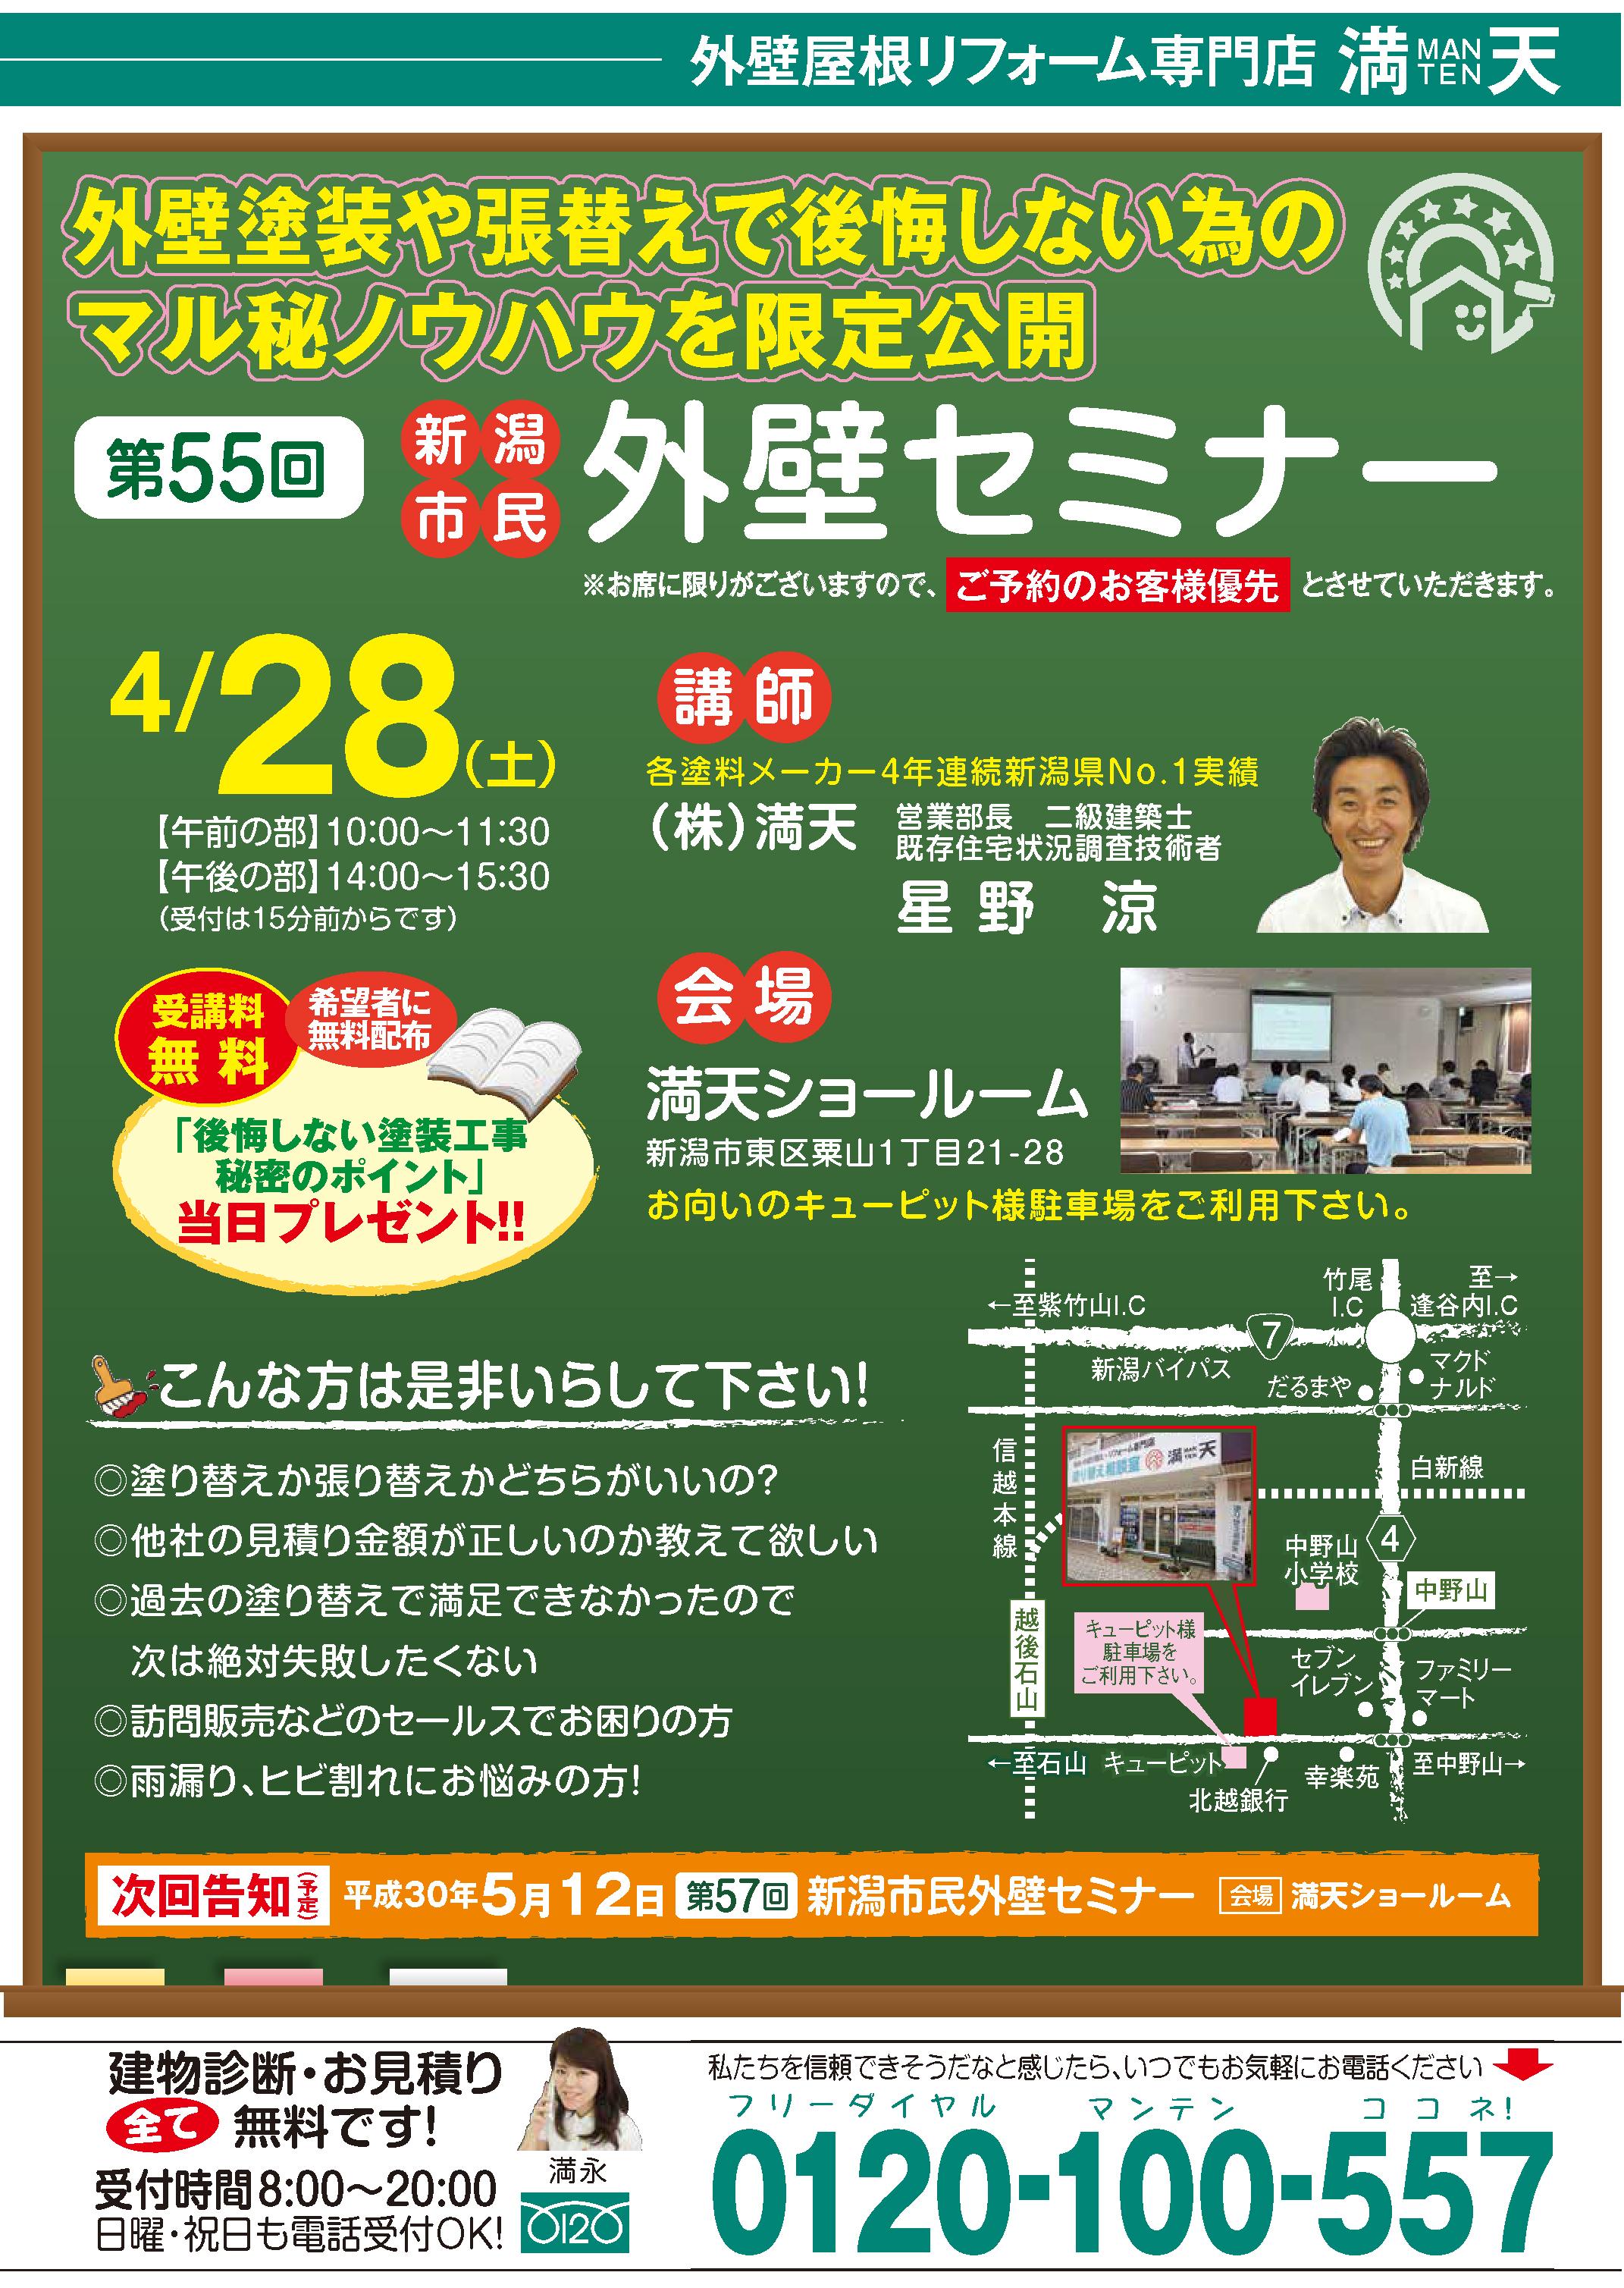 4月28日満天ショールームにて、第55回新潟市民外壁セミナーを開催